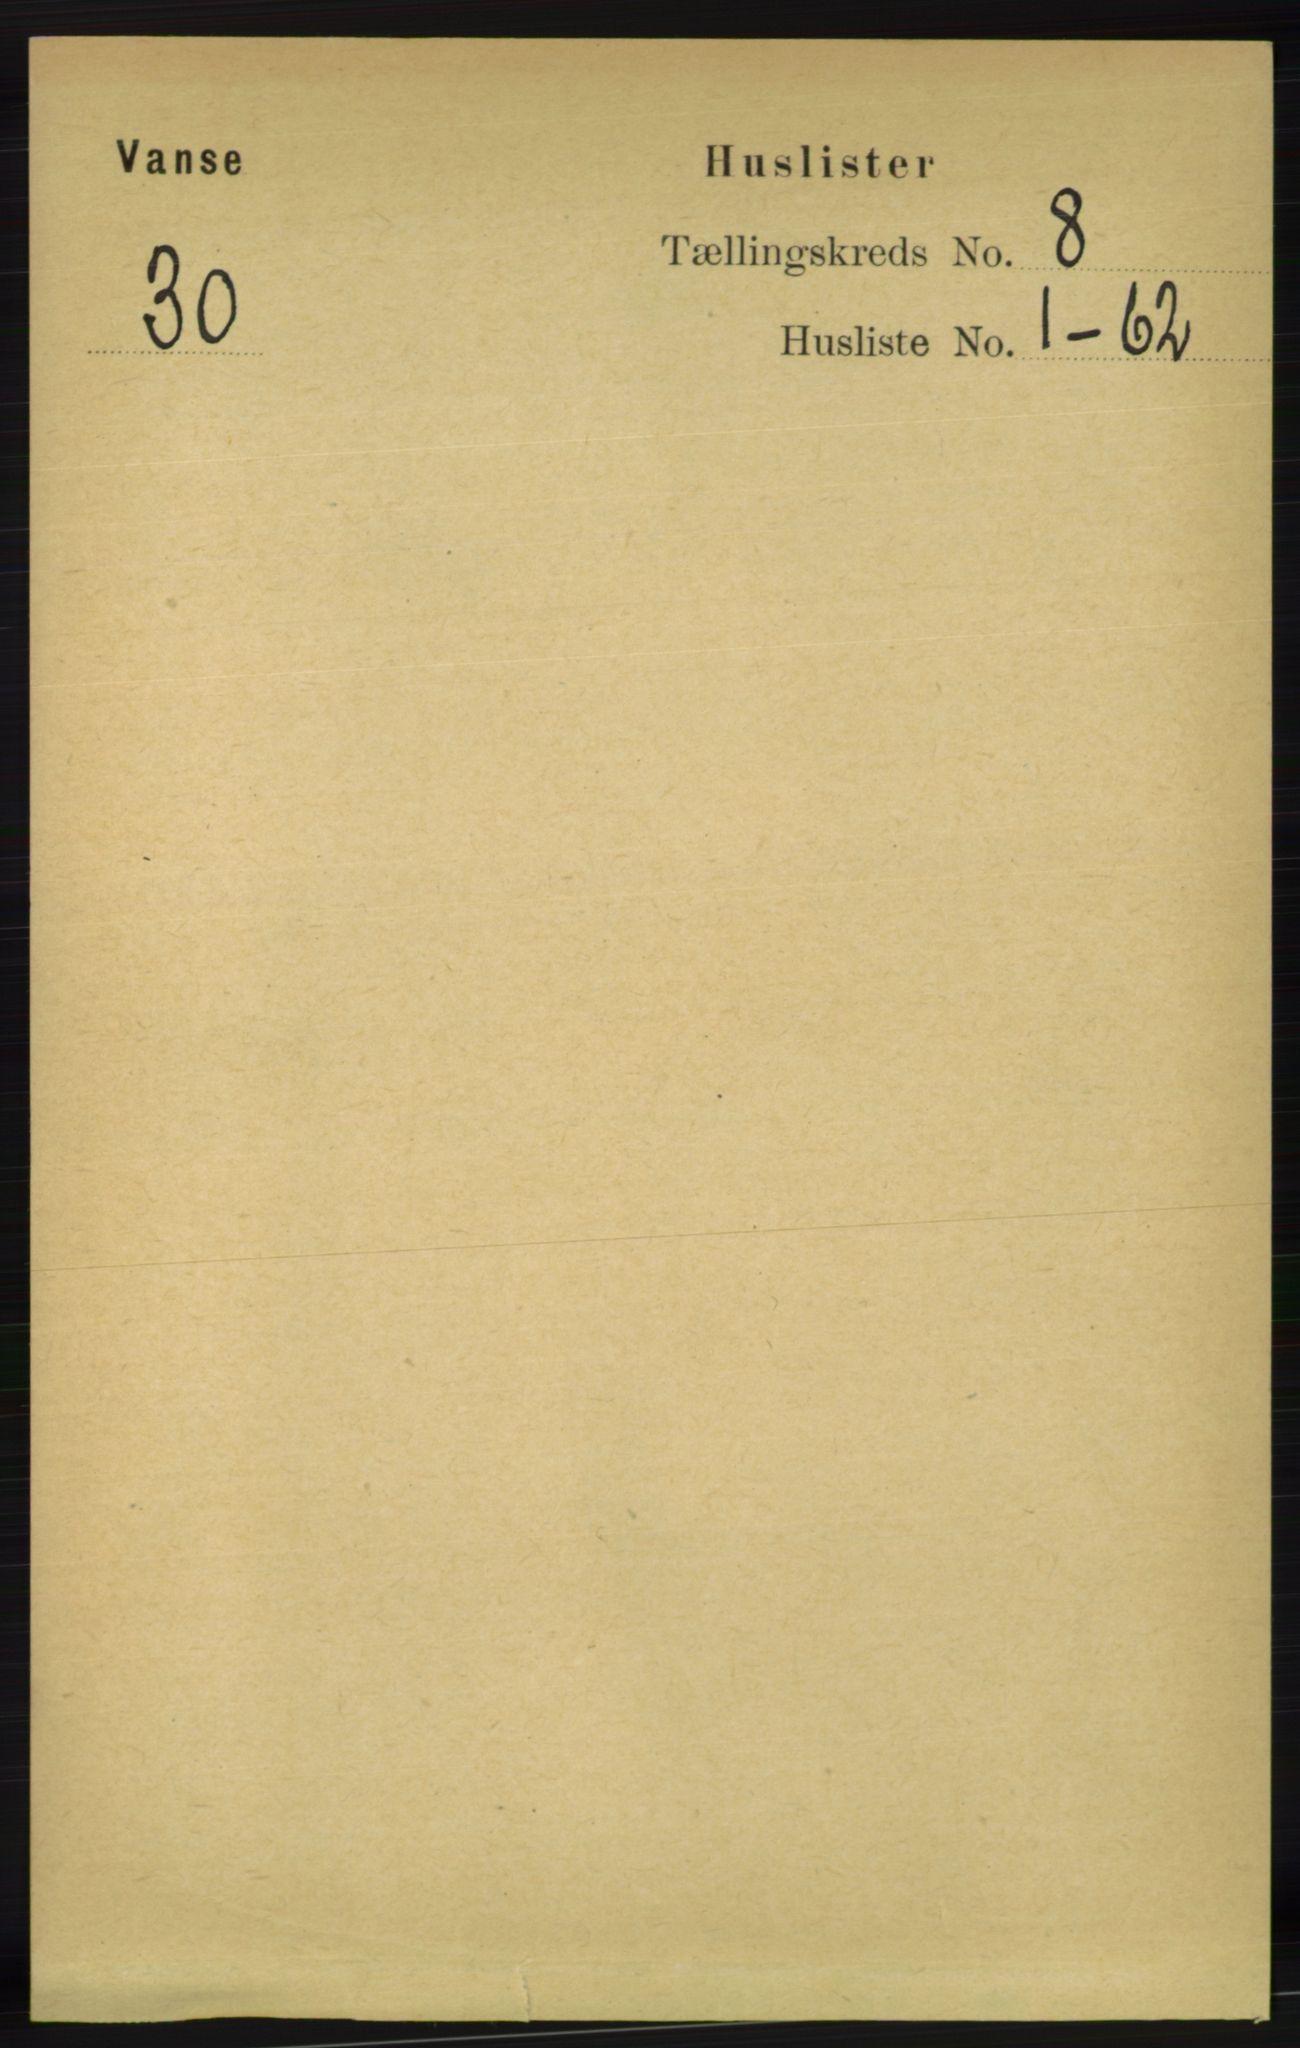 RA, Folketelling 1891 for 1041 Vanse herred, 1891, s. 4840